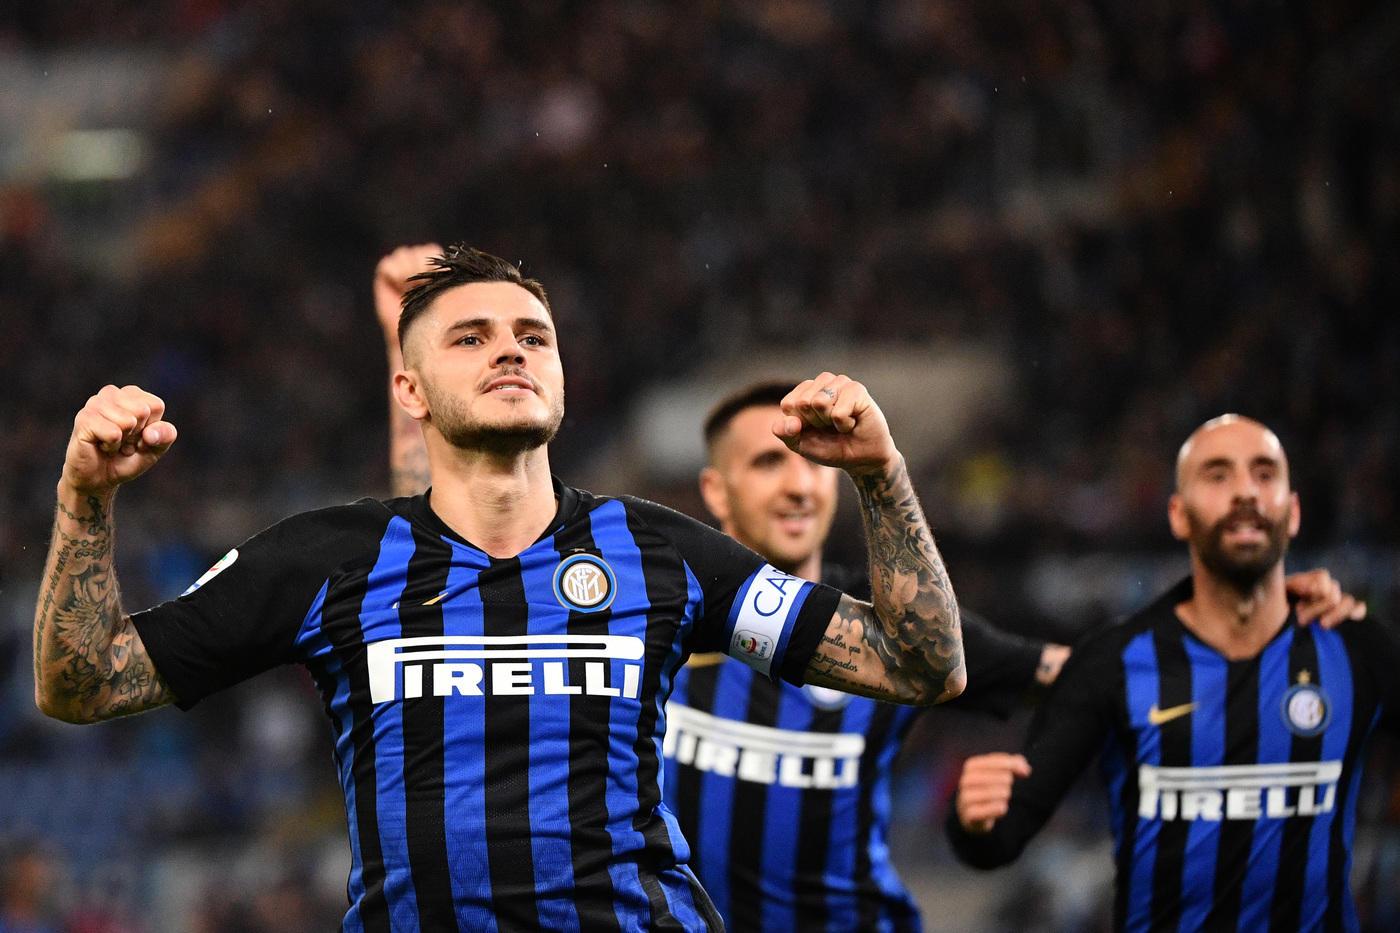 L'Inter vince per 3-0 il Monday Night della 10a giornata di Serie A contro la Lazio e agguanta il Napoli al secondo posto a -6 dalla Juventus. Gara a senso unico quella dell'Olimpico, decisa da una doppietta di Icardi e da un gol di Brozovic. L'argentino apre le danze al 28', ottimamente servito da Vecino, poi il croato al 41' trova il bis con un preciso rasoterra. Nella ripresa è ancora Maurito a chiudere i conti (70') e a far piangere nuovamente la Lazio.